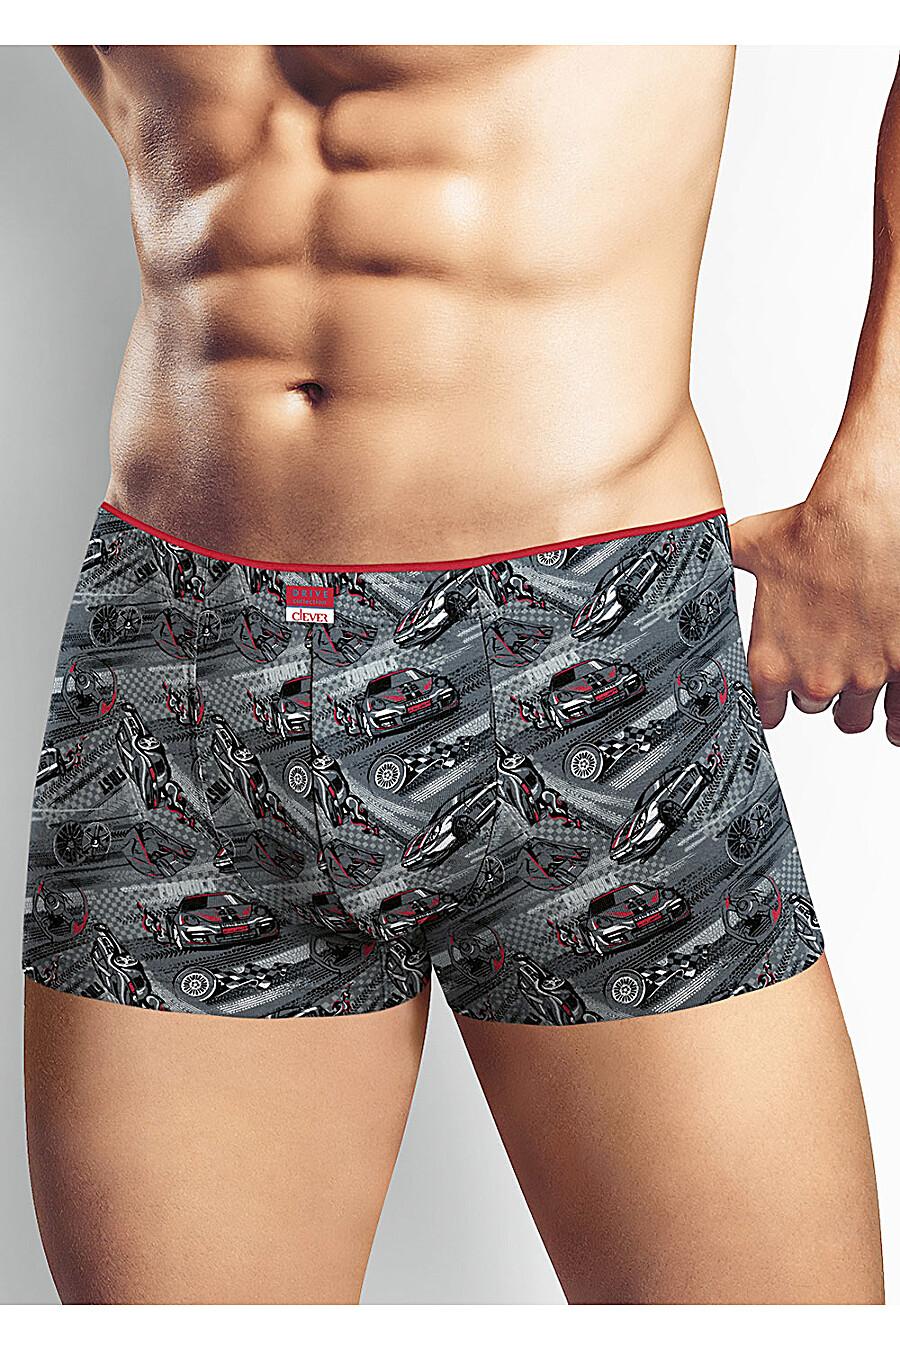 Трусы для мужчин CLEVER 155207 купить оптом от производителя. Совместная покупка мужской одежды в OptMoyo